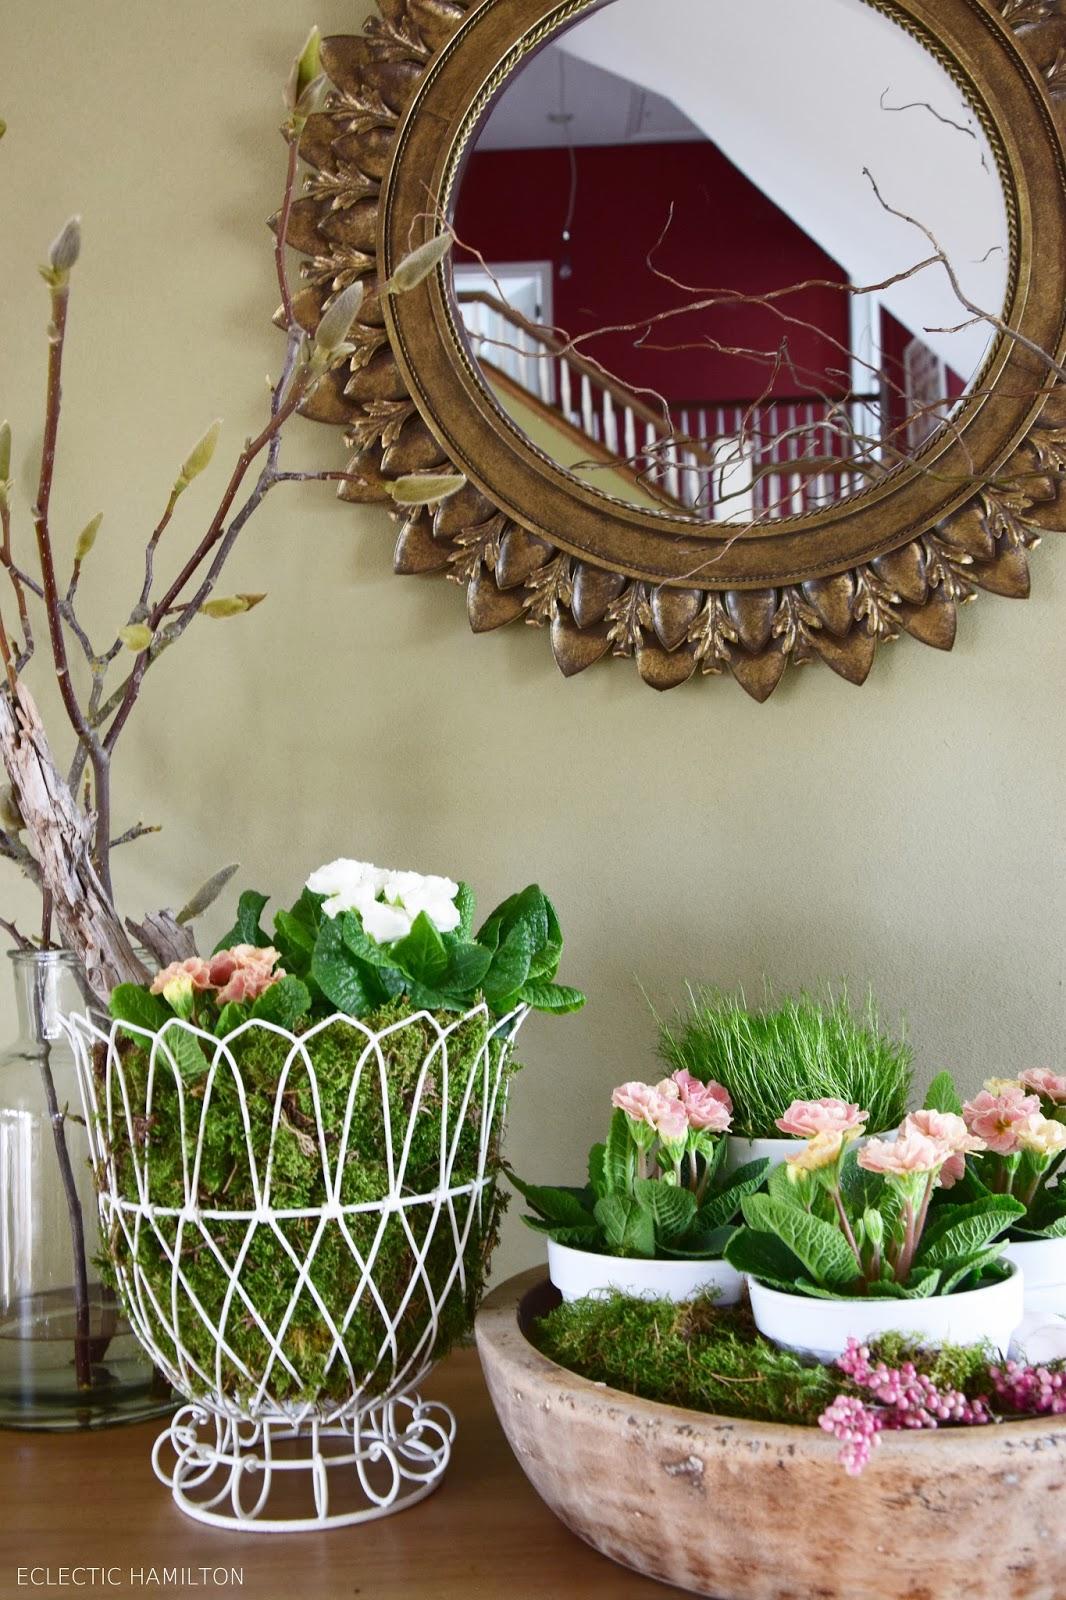 Dekoideen Frühling für Sideboard und Konsole Wohnzimmer. Natürliche Deko, DIY, Dekoration